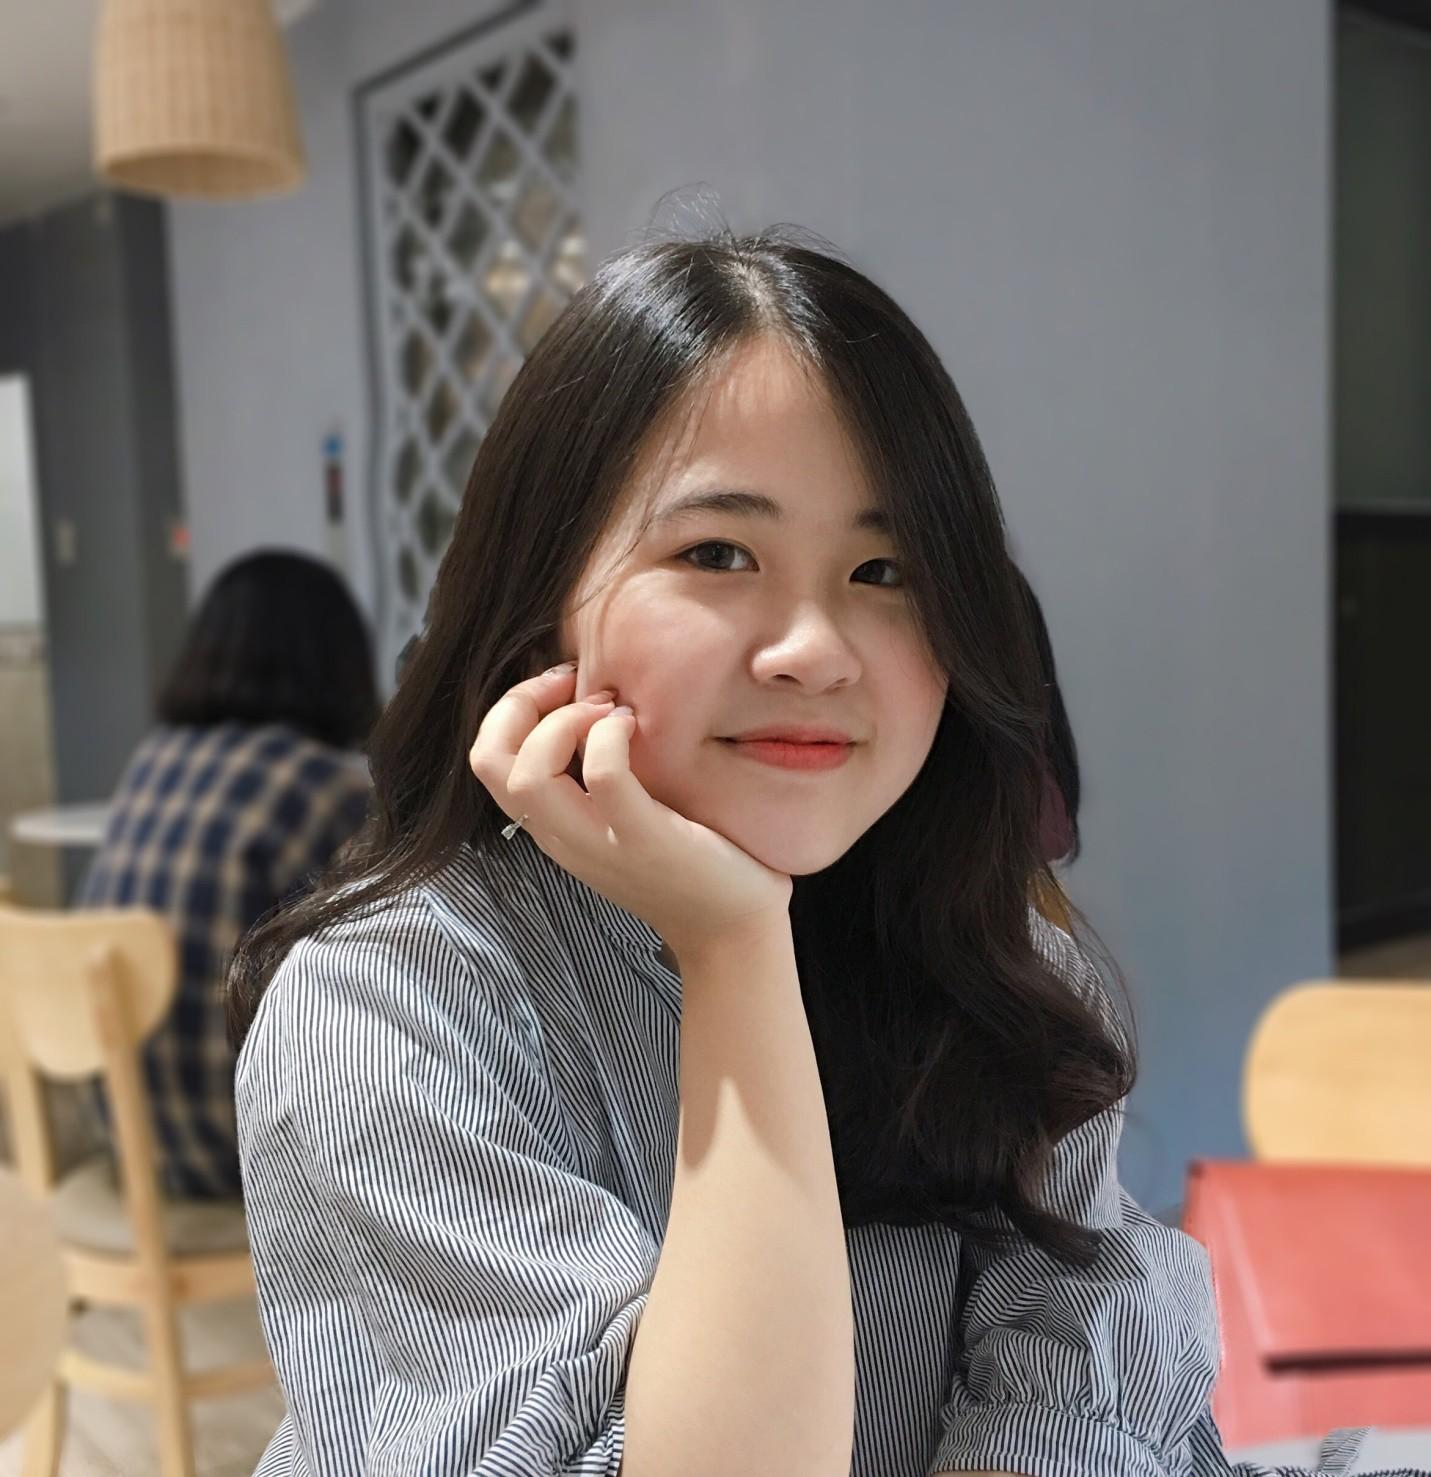 Ảnh 1: Nữ sinh trường chuyên Phan Bội Châu - We25.vn